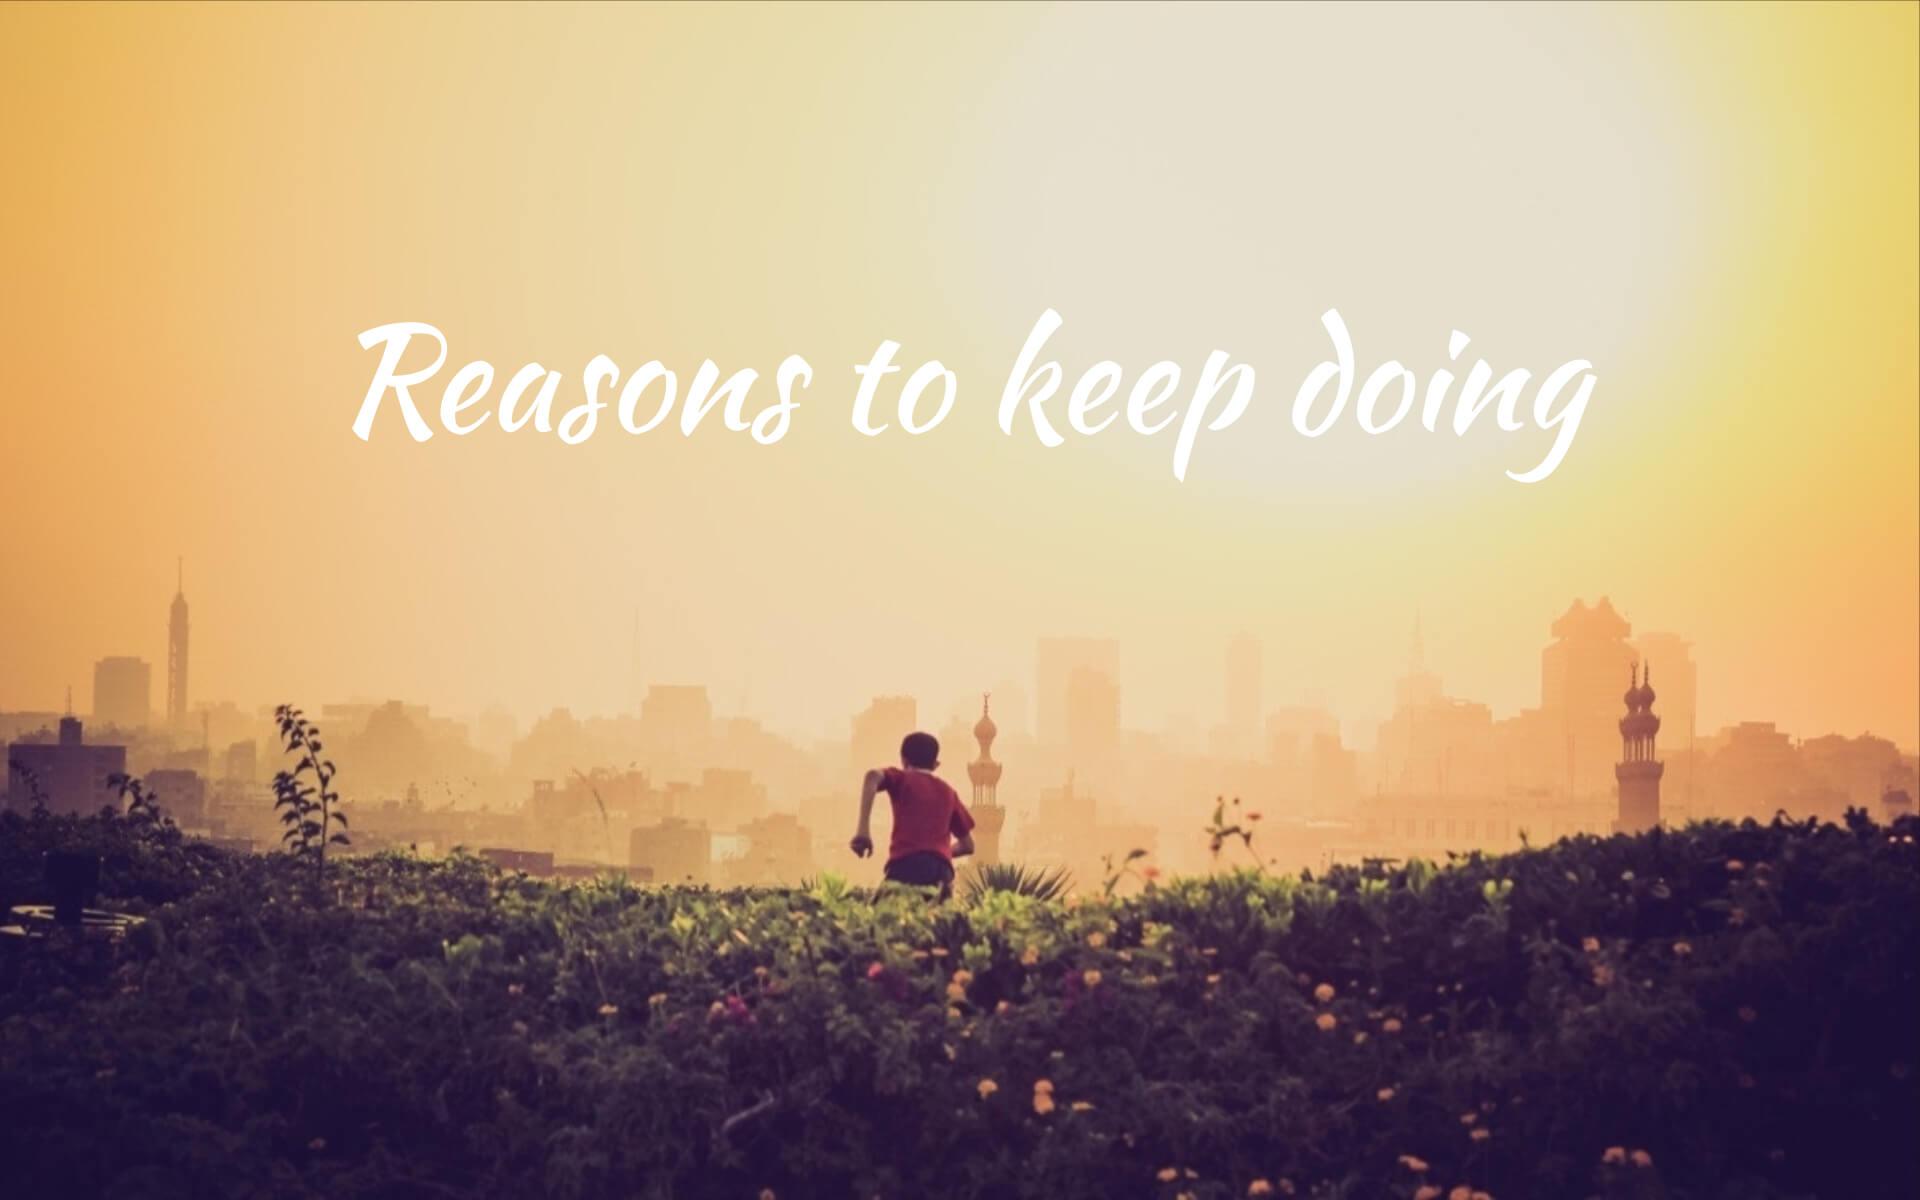 やり続ける理由と書いた画像